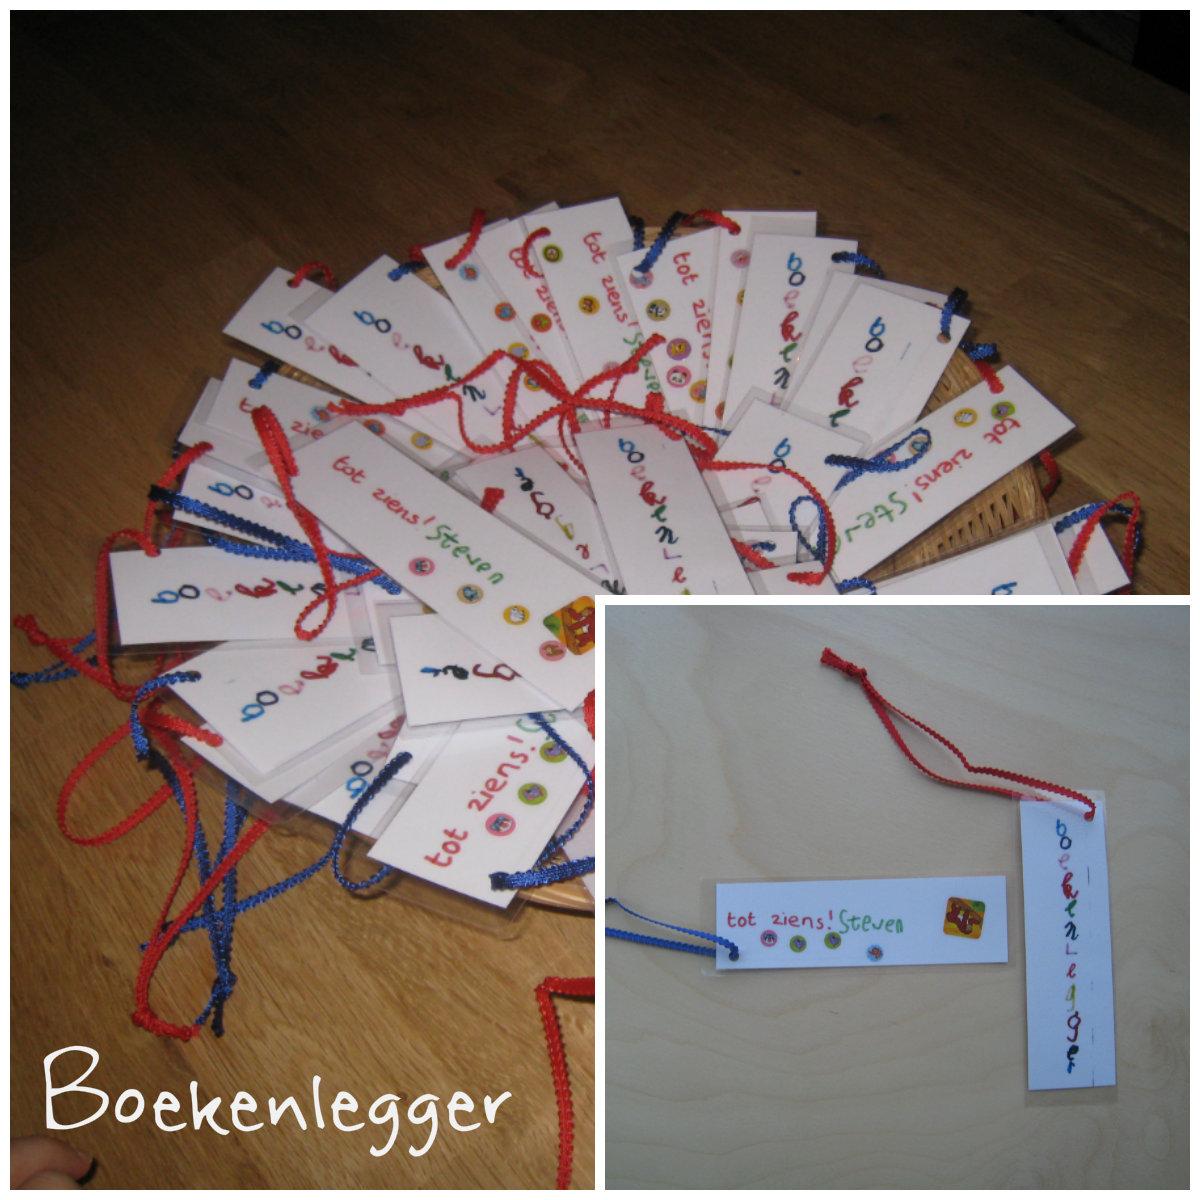 Zelfgemaakte boekenlegger met band met schulprand